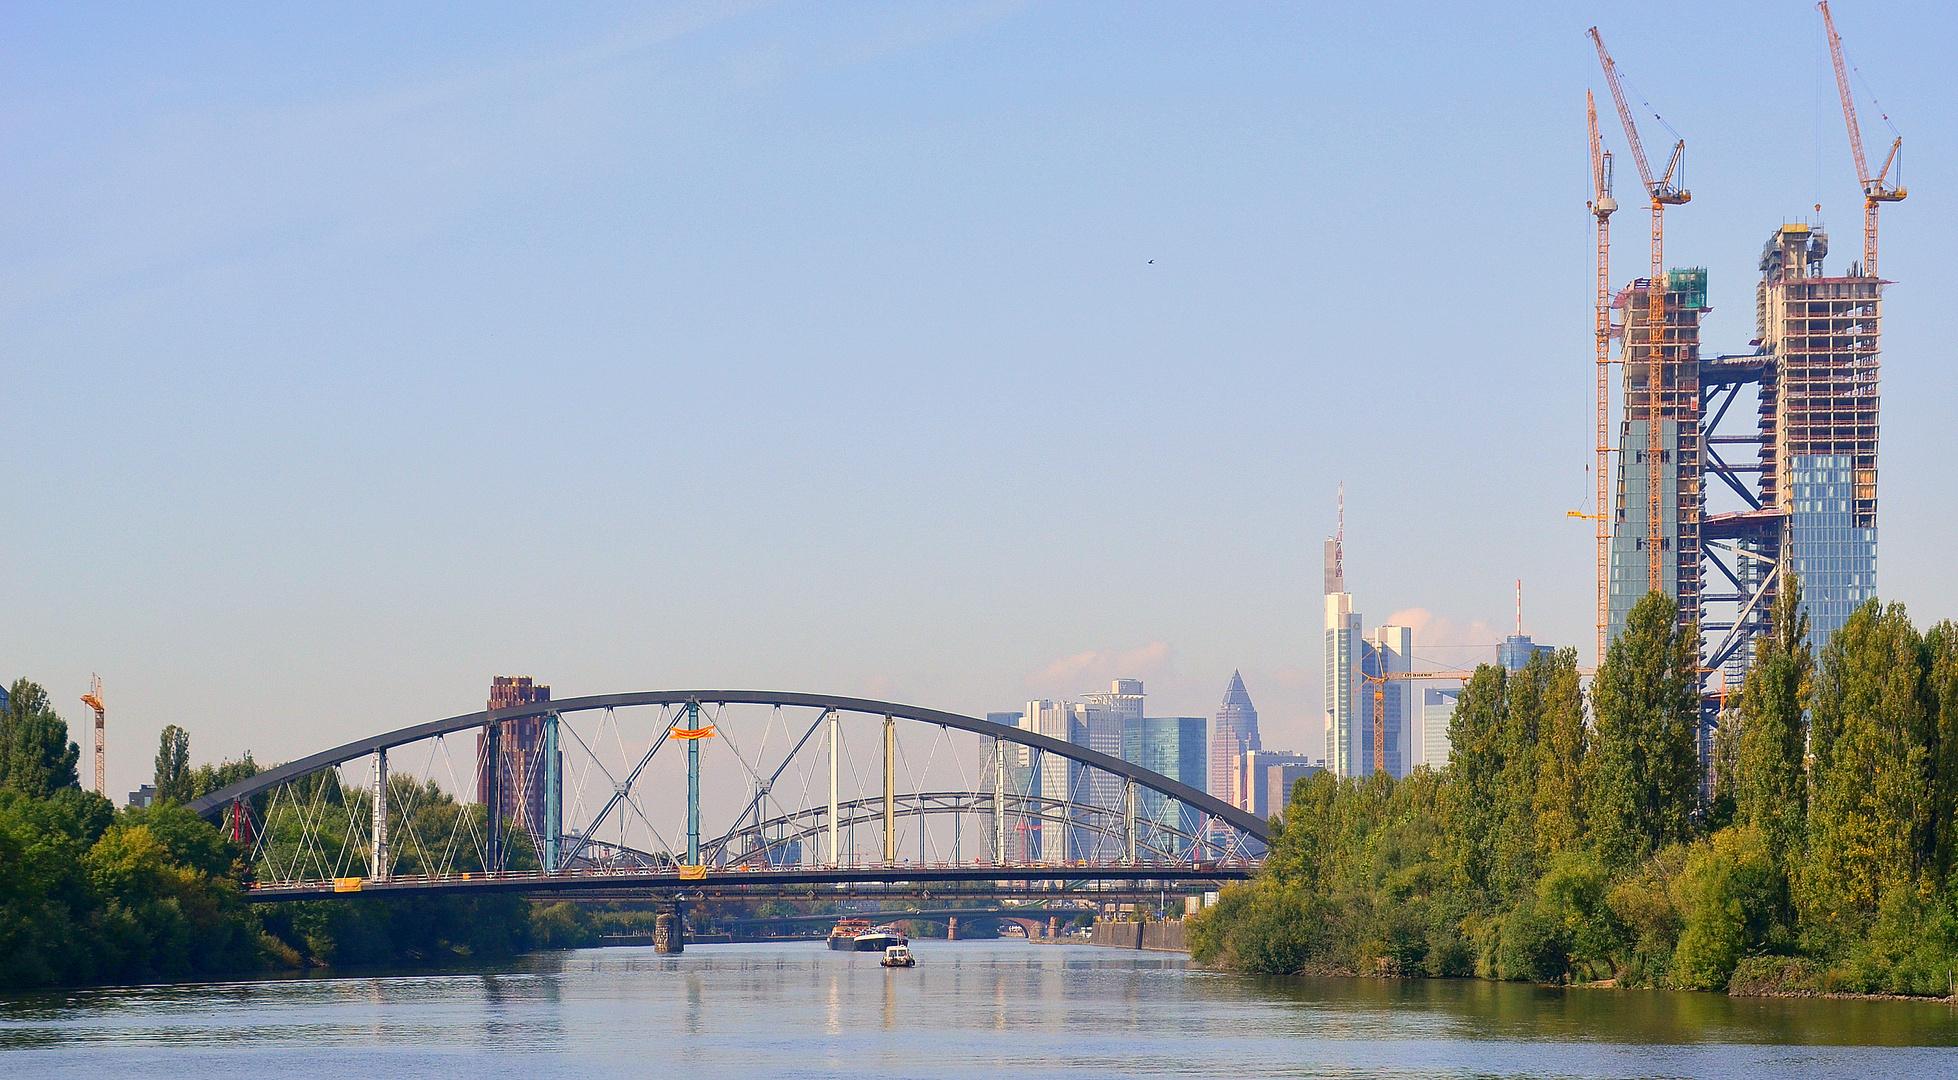 neue Mainbrücke / Osthafenbrücke Frankfurt am Main